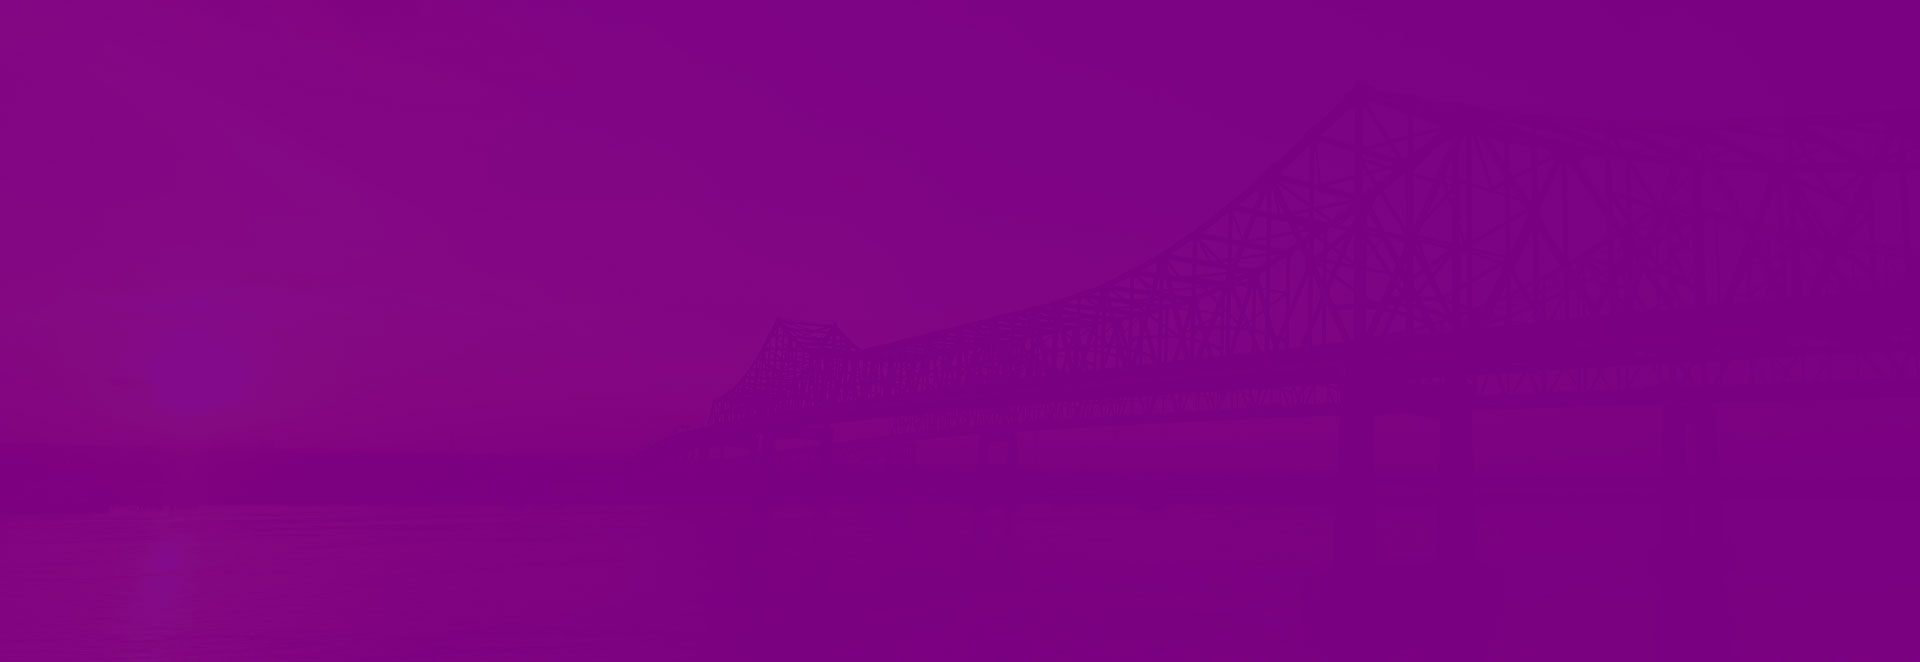 purplebannerbackground